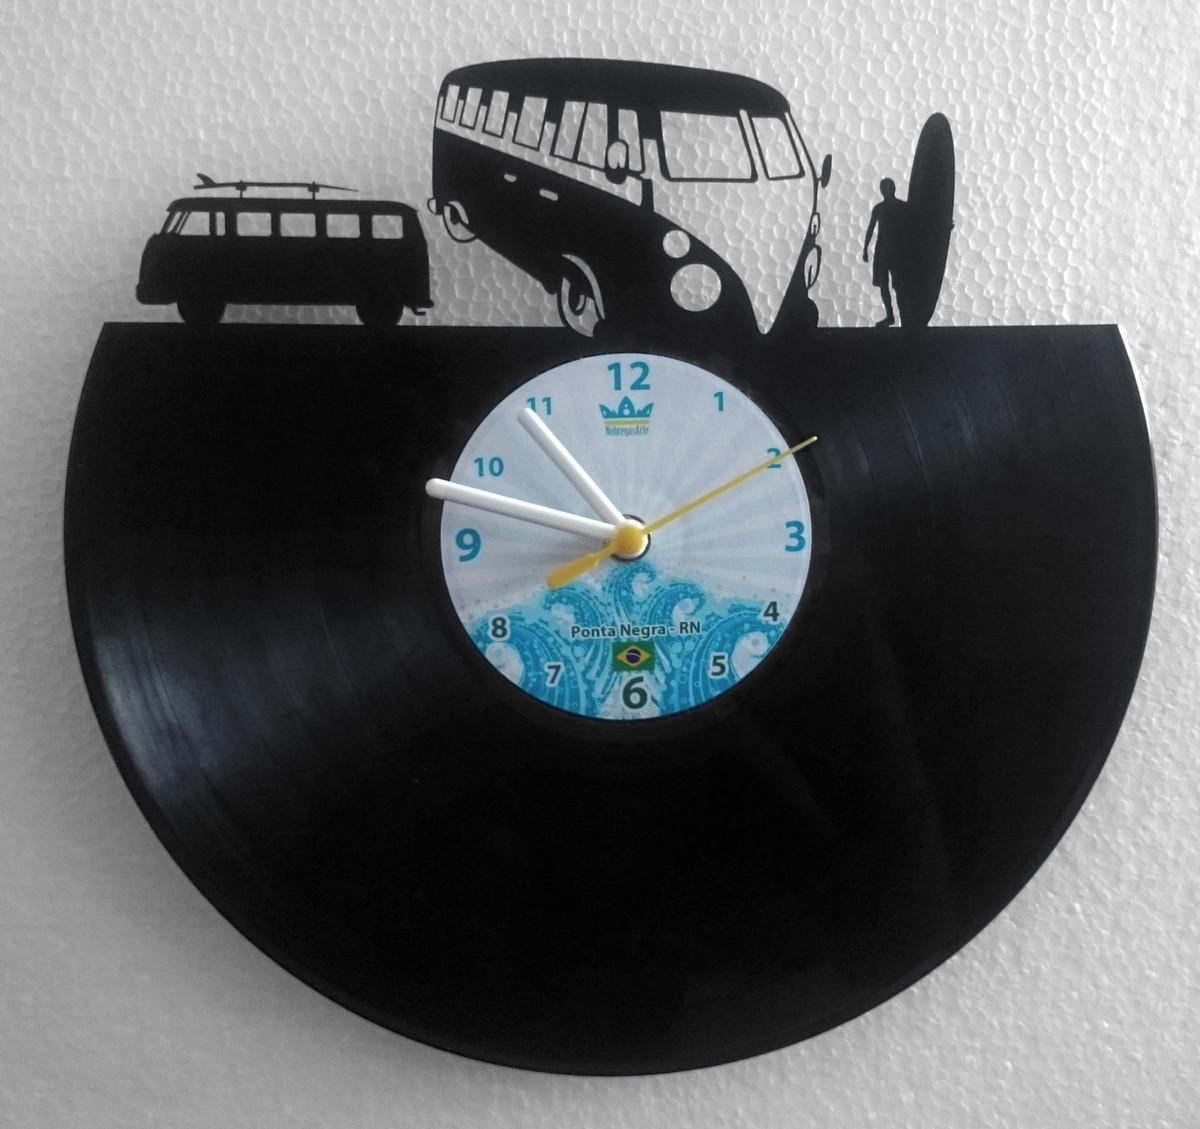 8fb6ef900c5 Relógio de Parede em Disco de Vinil- Kombi Surf no Elo7 ...